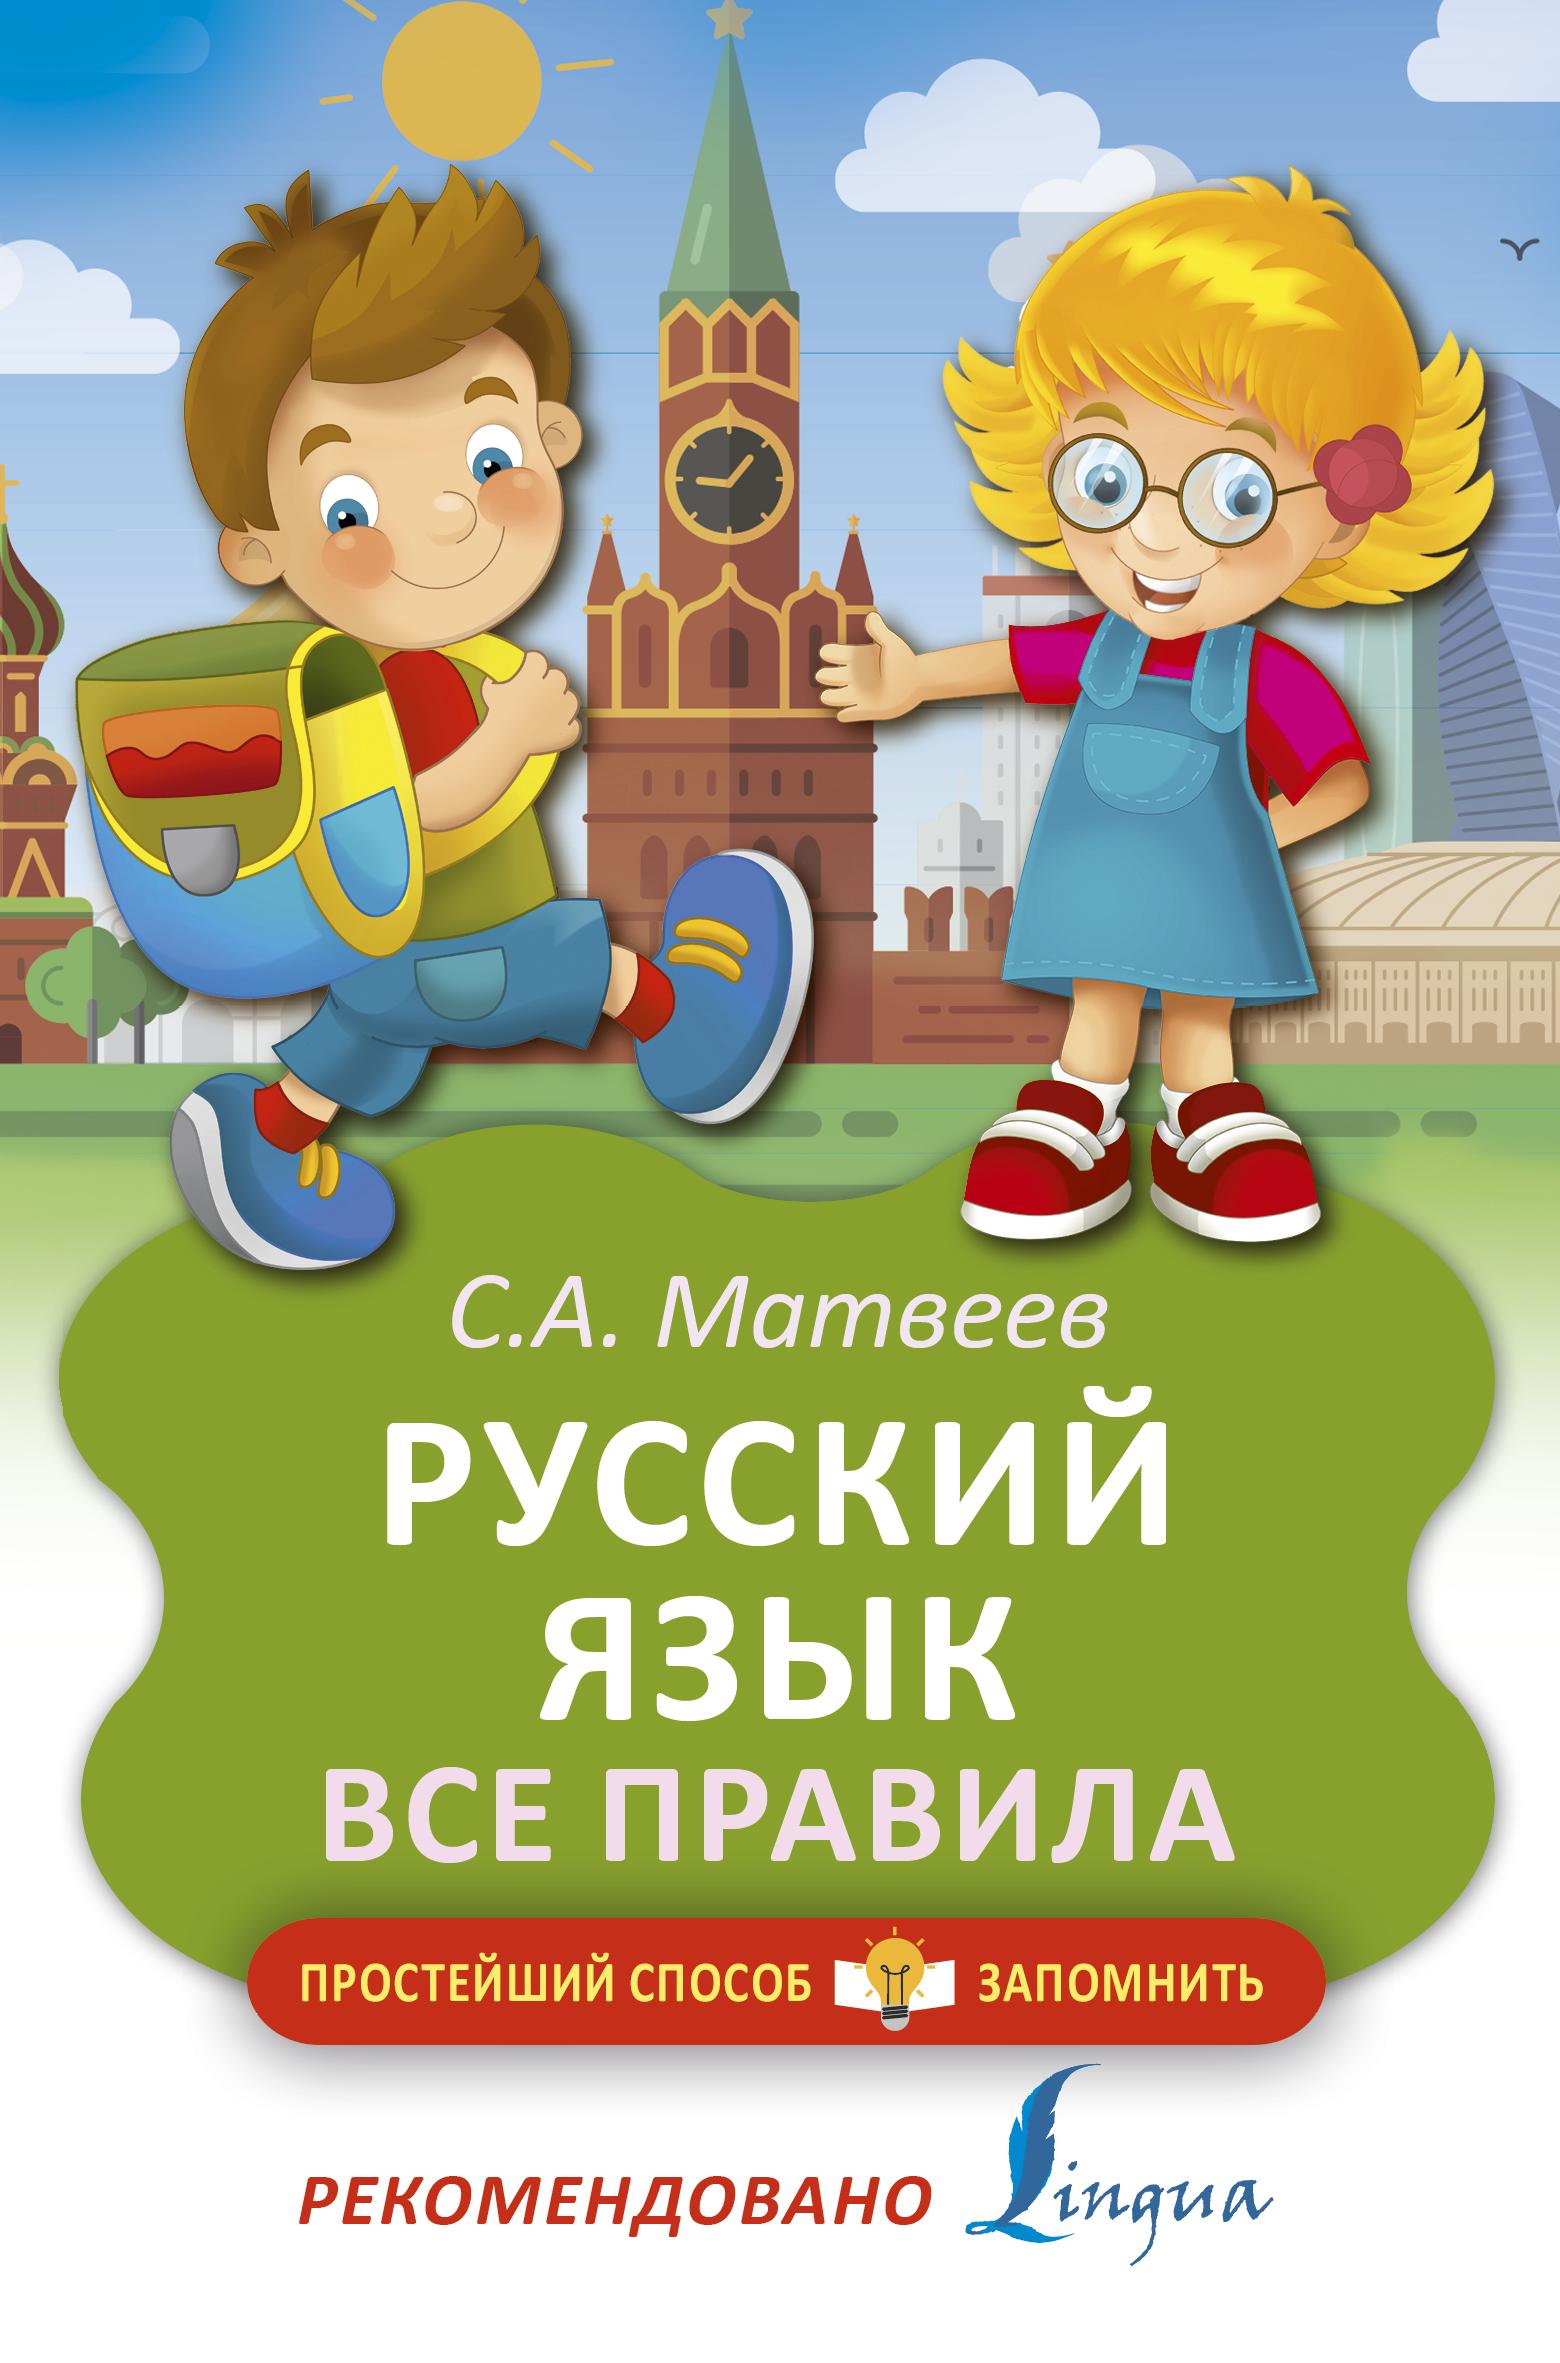 С. А. Матвеев Русский язык. Все правила круглова анна русский язык и математика все правила начальной школы